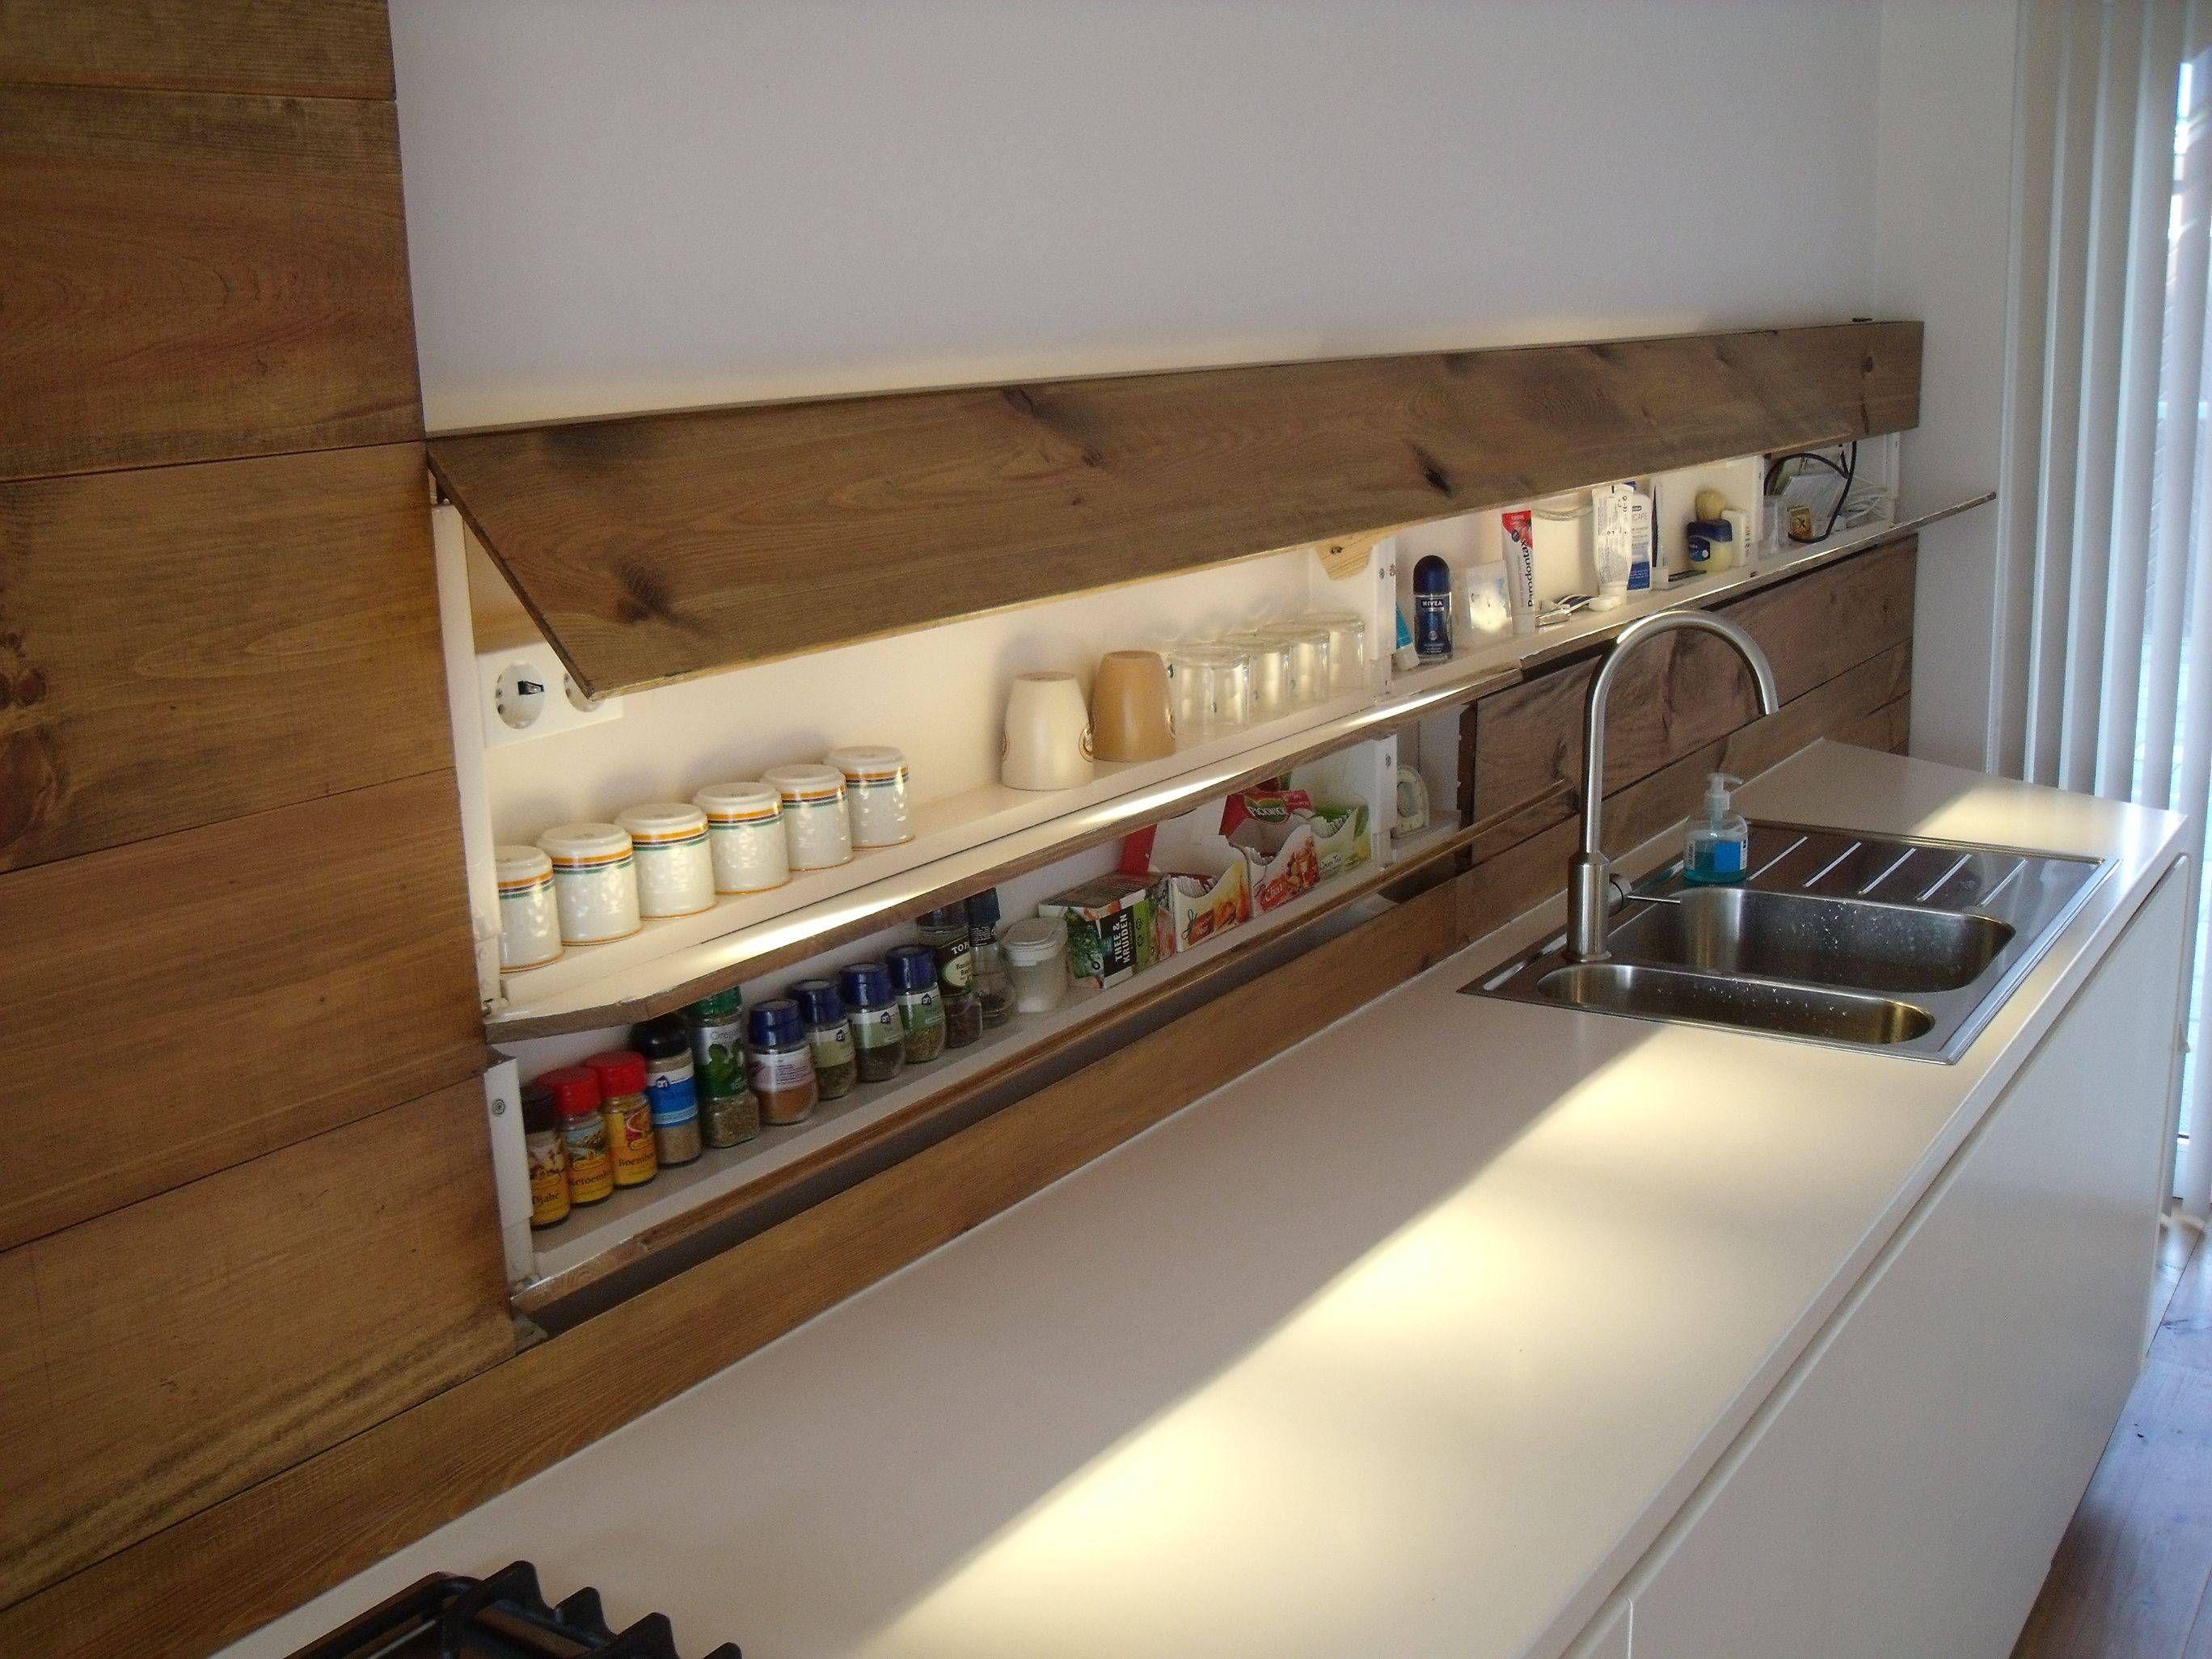 mesa comer con escondites - Buscar con Google | Kitchens | Pinterest ...